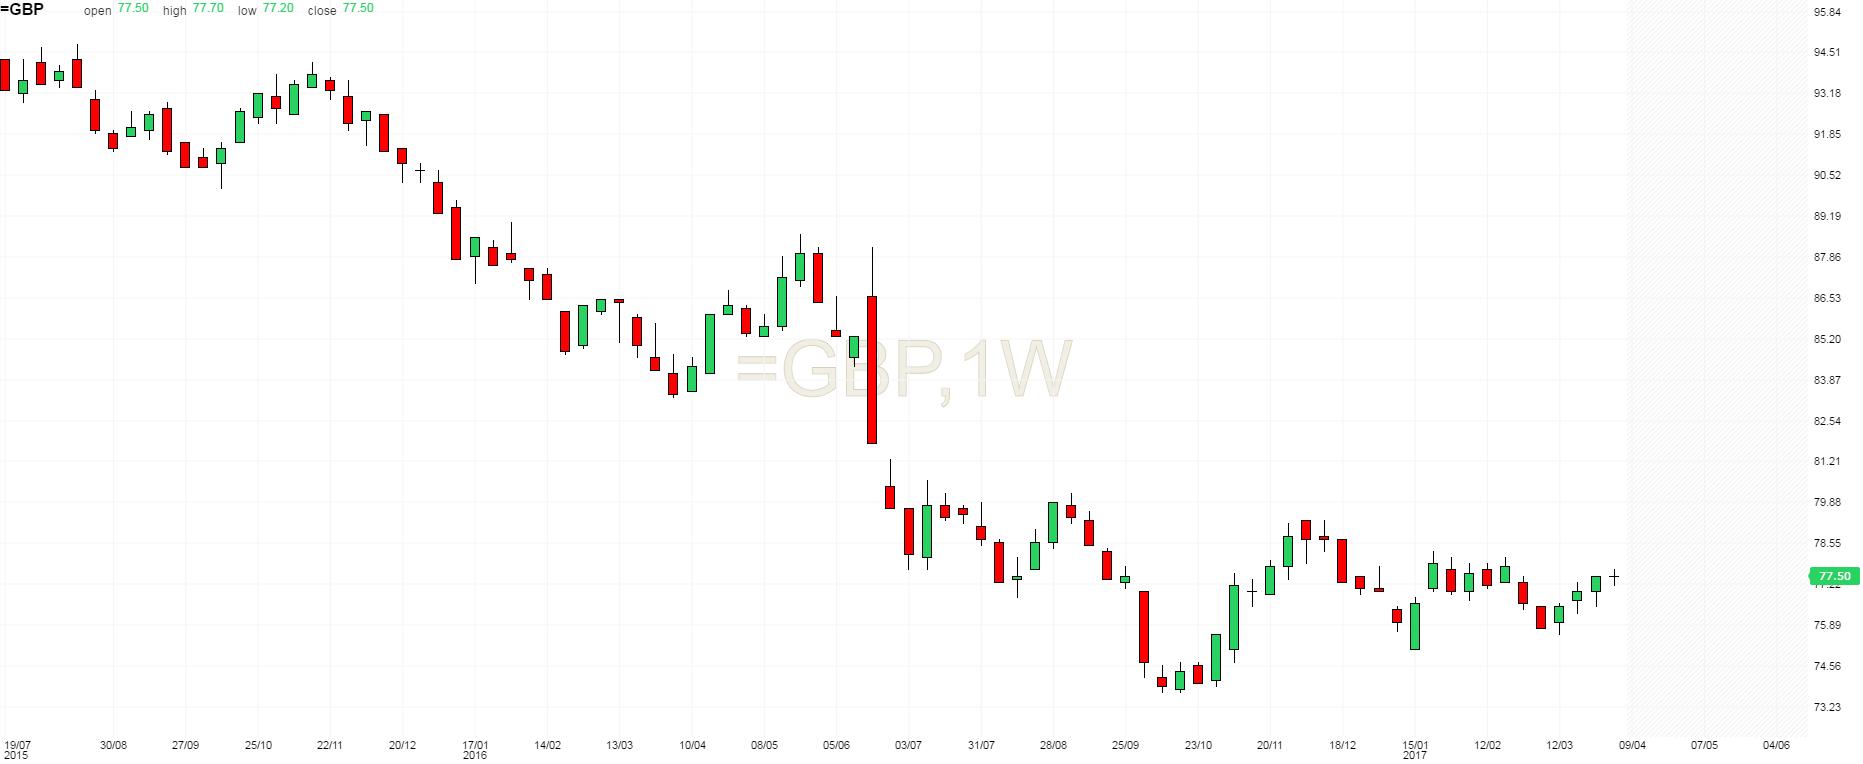 GBP index